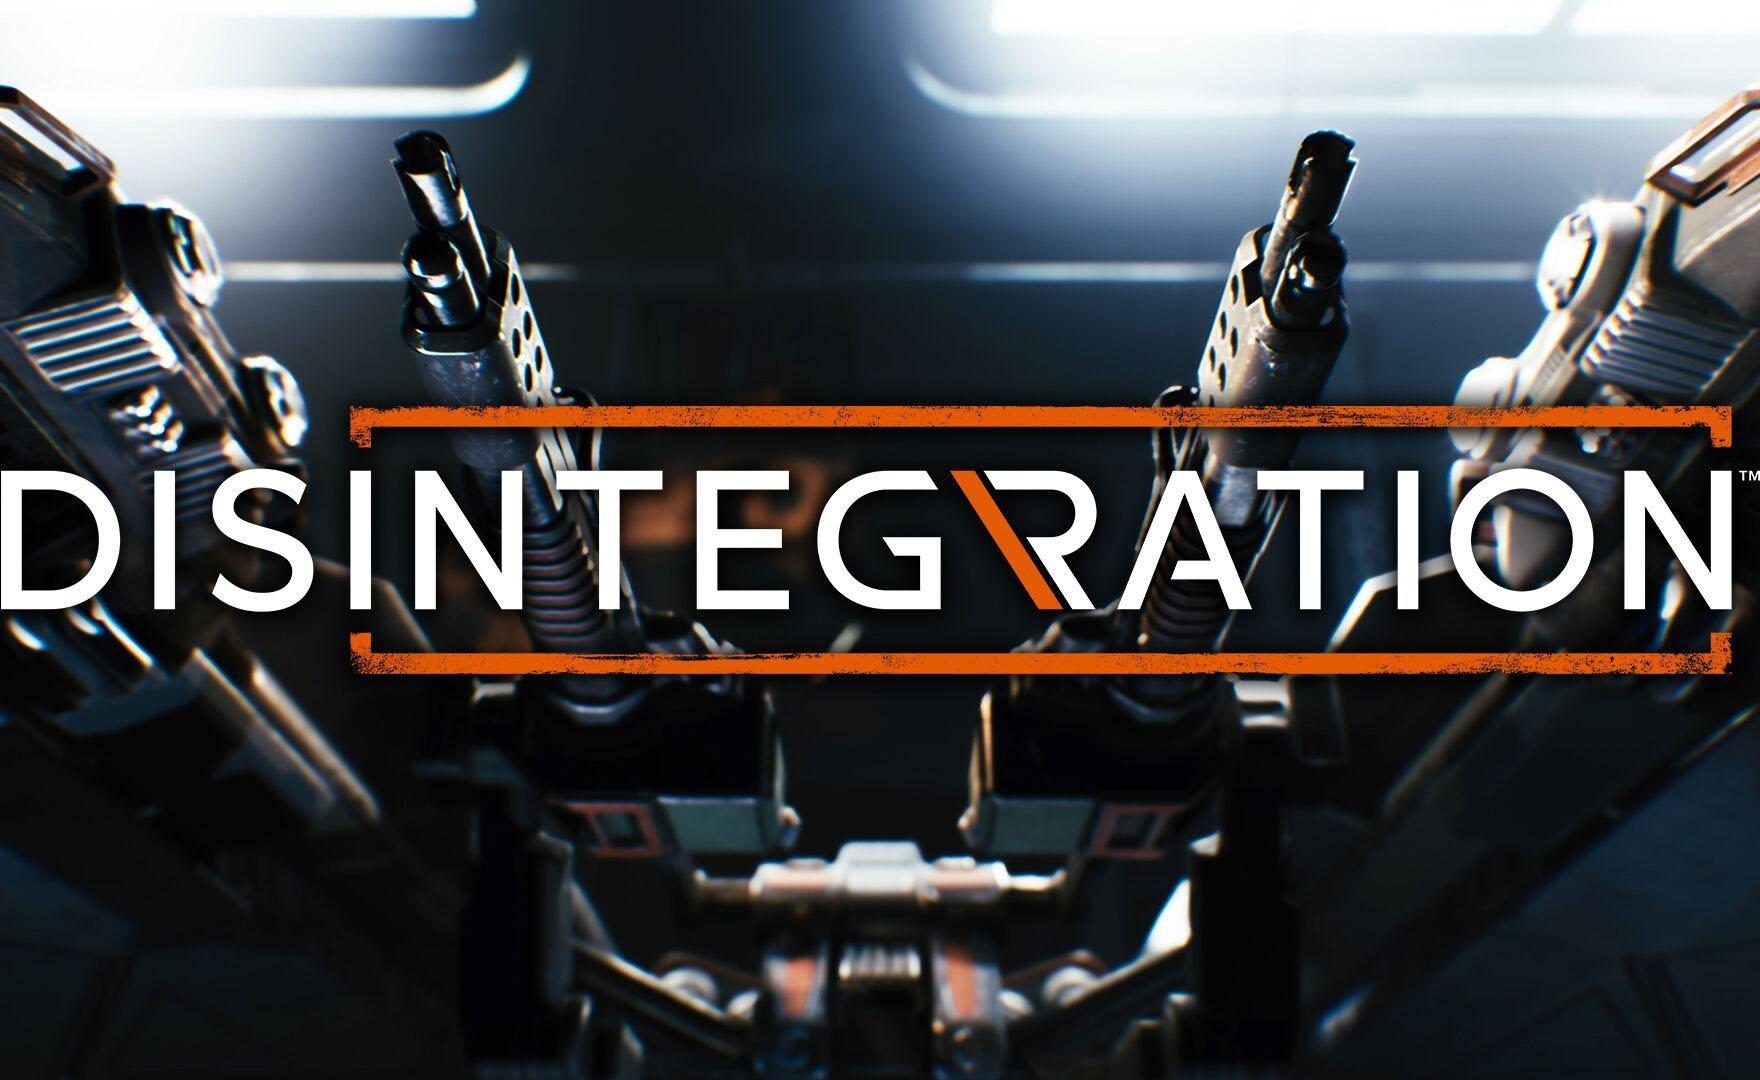 Il co-creatore di Halo presenta Disintegration, un nuovo sparatutto Sci-fi